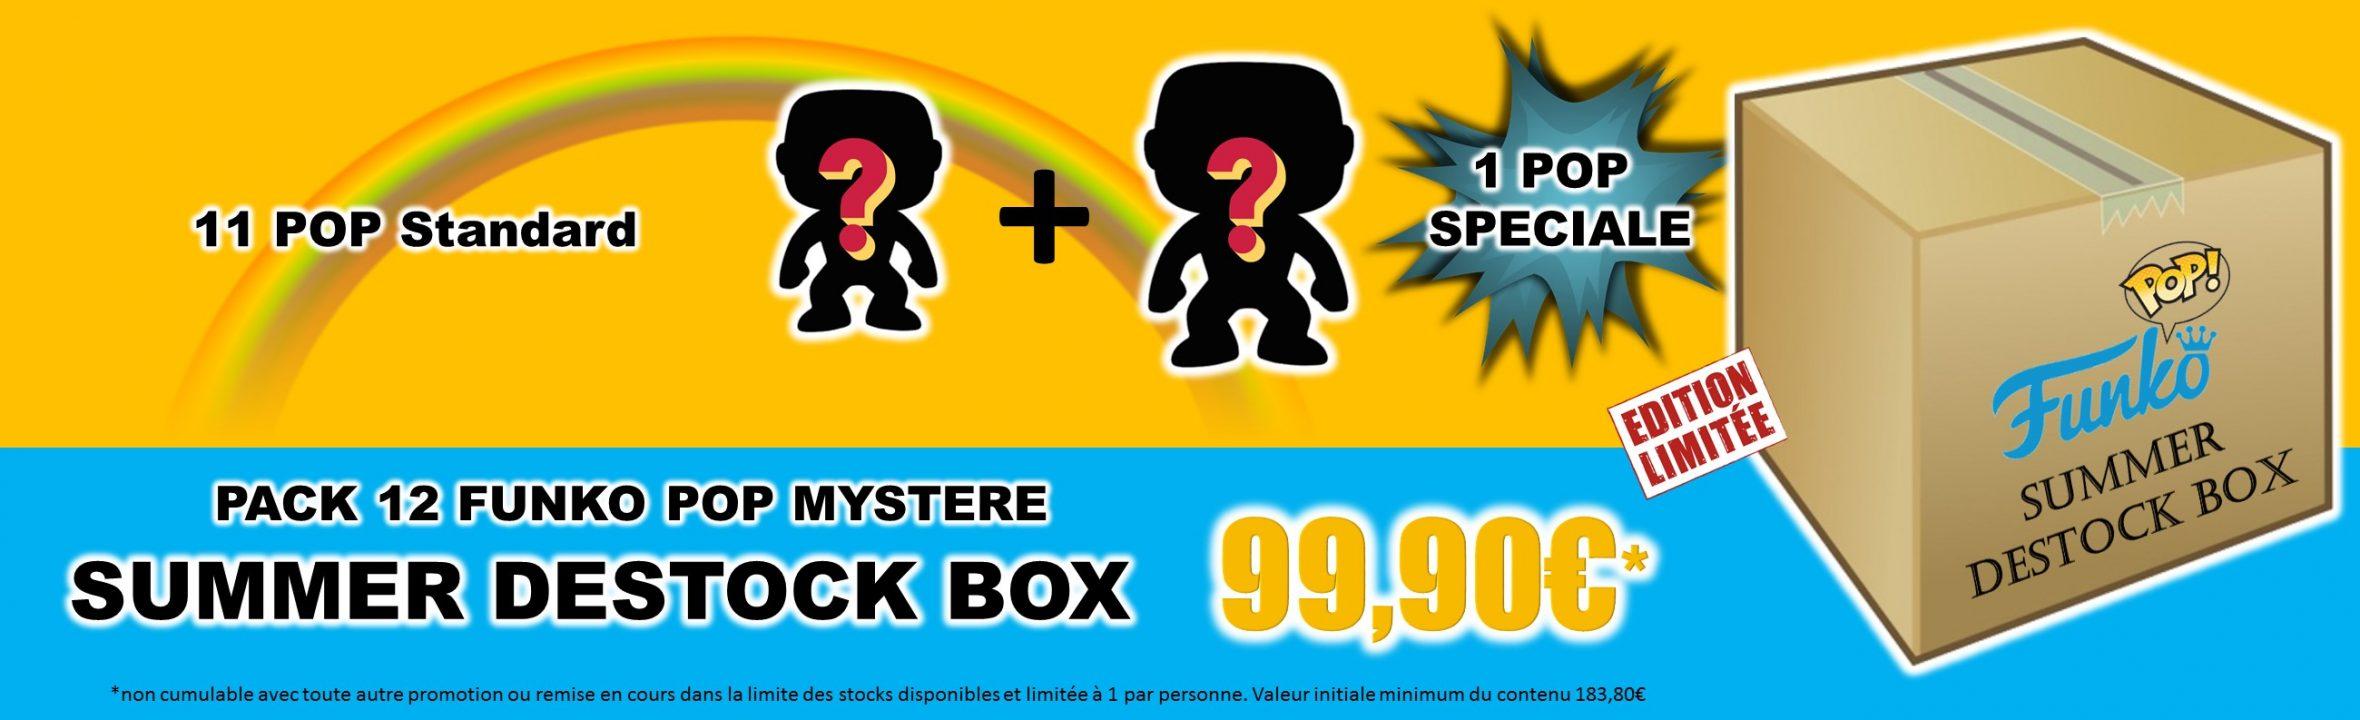 summer destock box 12 funko pop mystere goodin shop